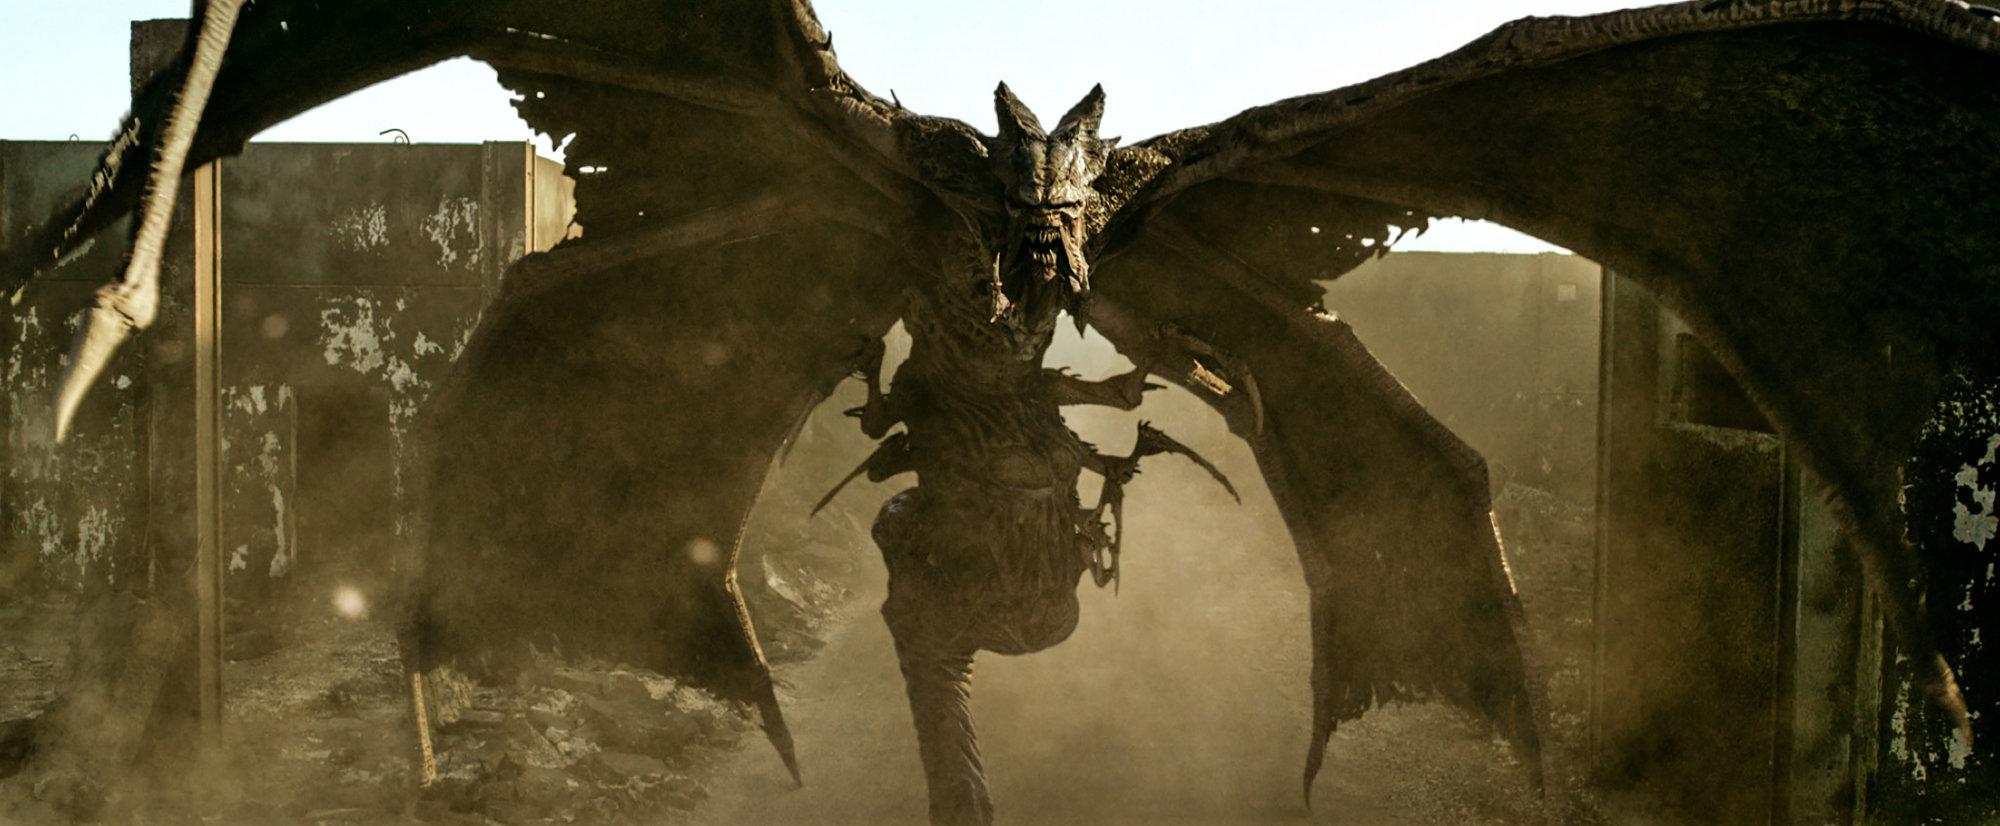 Resident-Evil-The-Final-Chapter-30.jpg